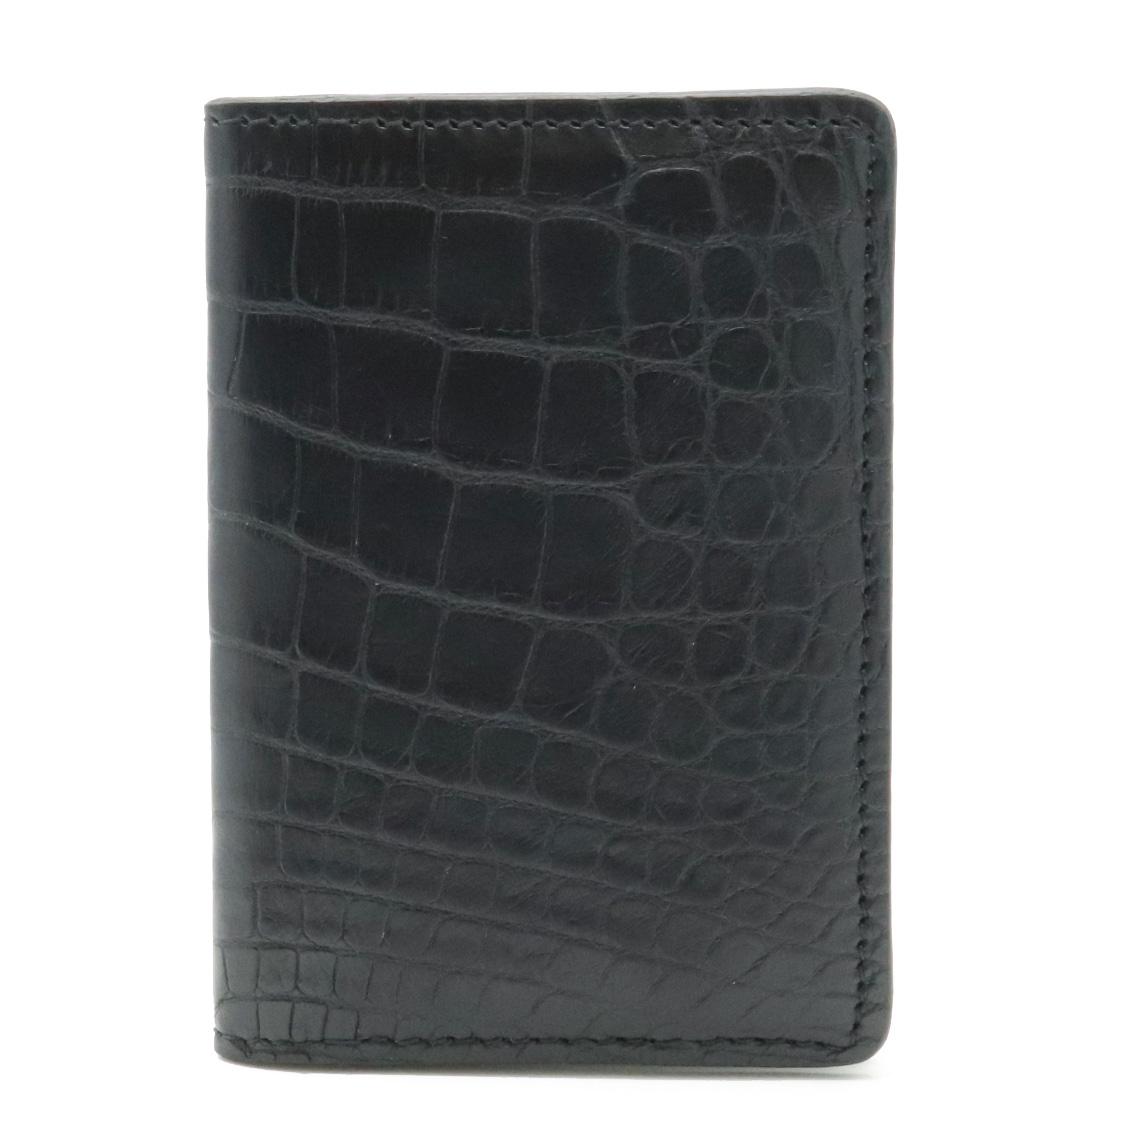 LOUIS VUITTON ルイ ヴィトン エキゾチック ポケット オーガナイザー カードケース パスケース クロコダイル マット ノワール 黒 N91552 【中古】